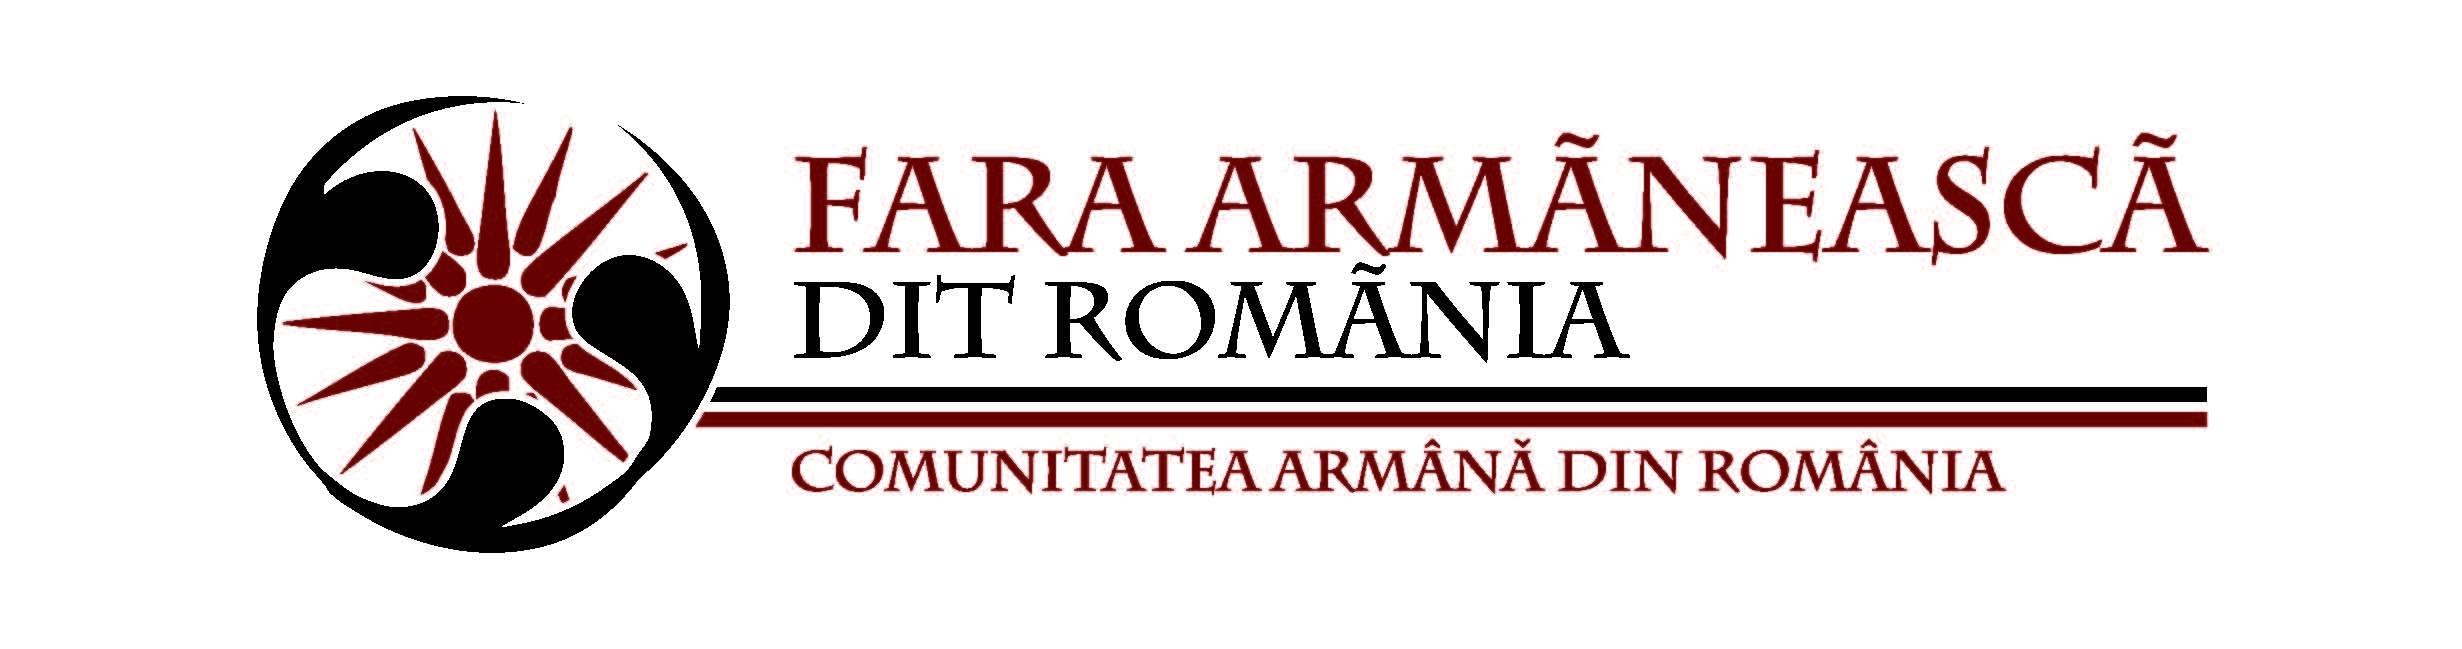 COMUNITATEA ARMÂNĂ DIN ROMÂNIA   logo